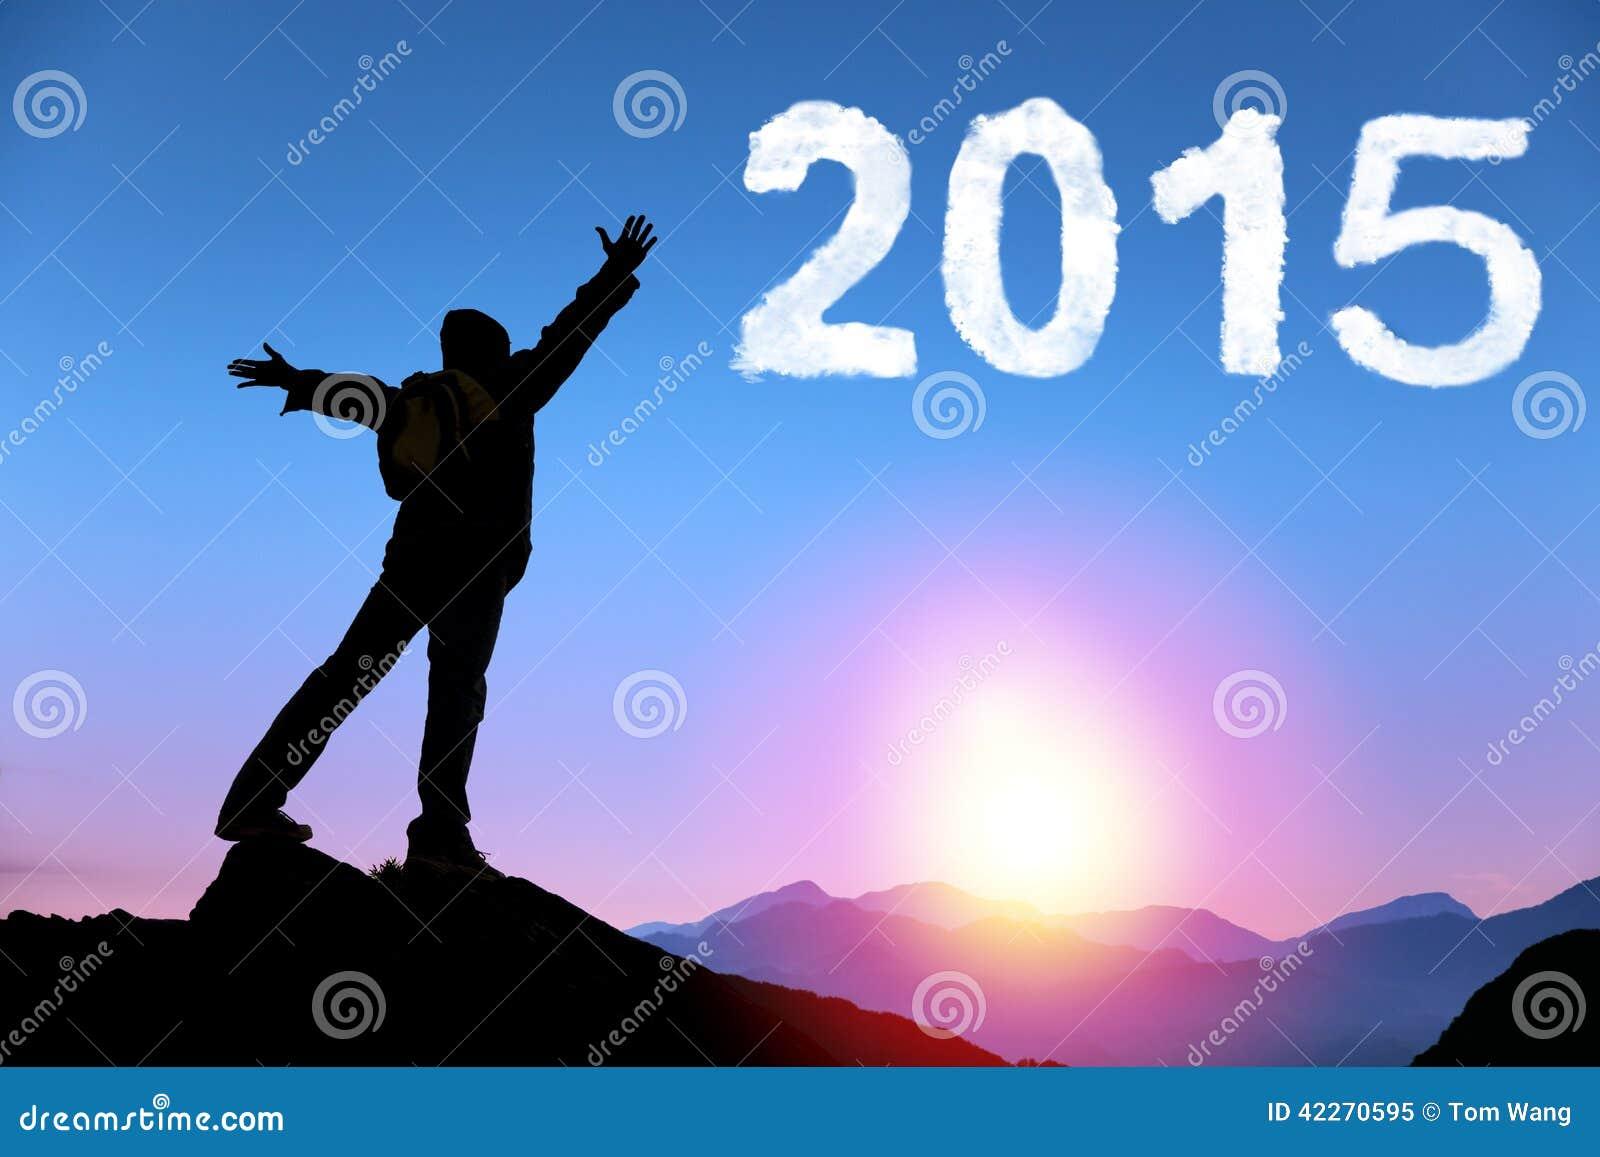 Bonne année 2015 jeune homme se tenant sur le dessus de la montagne